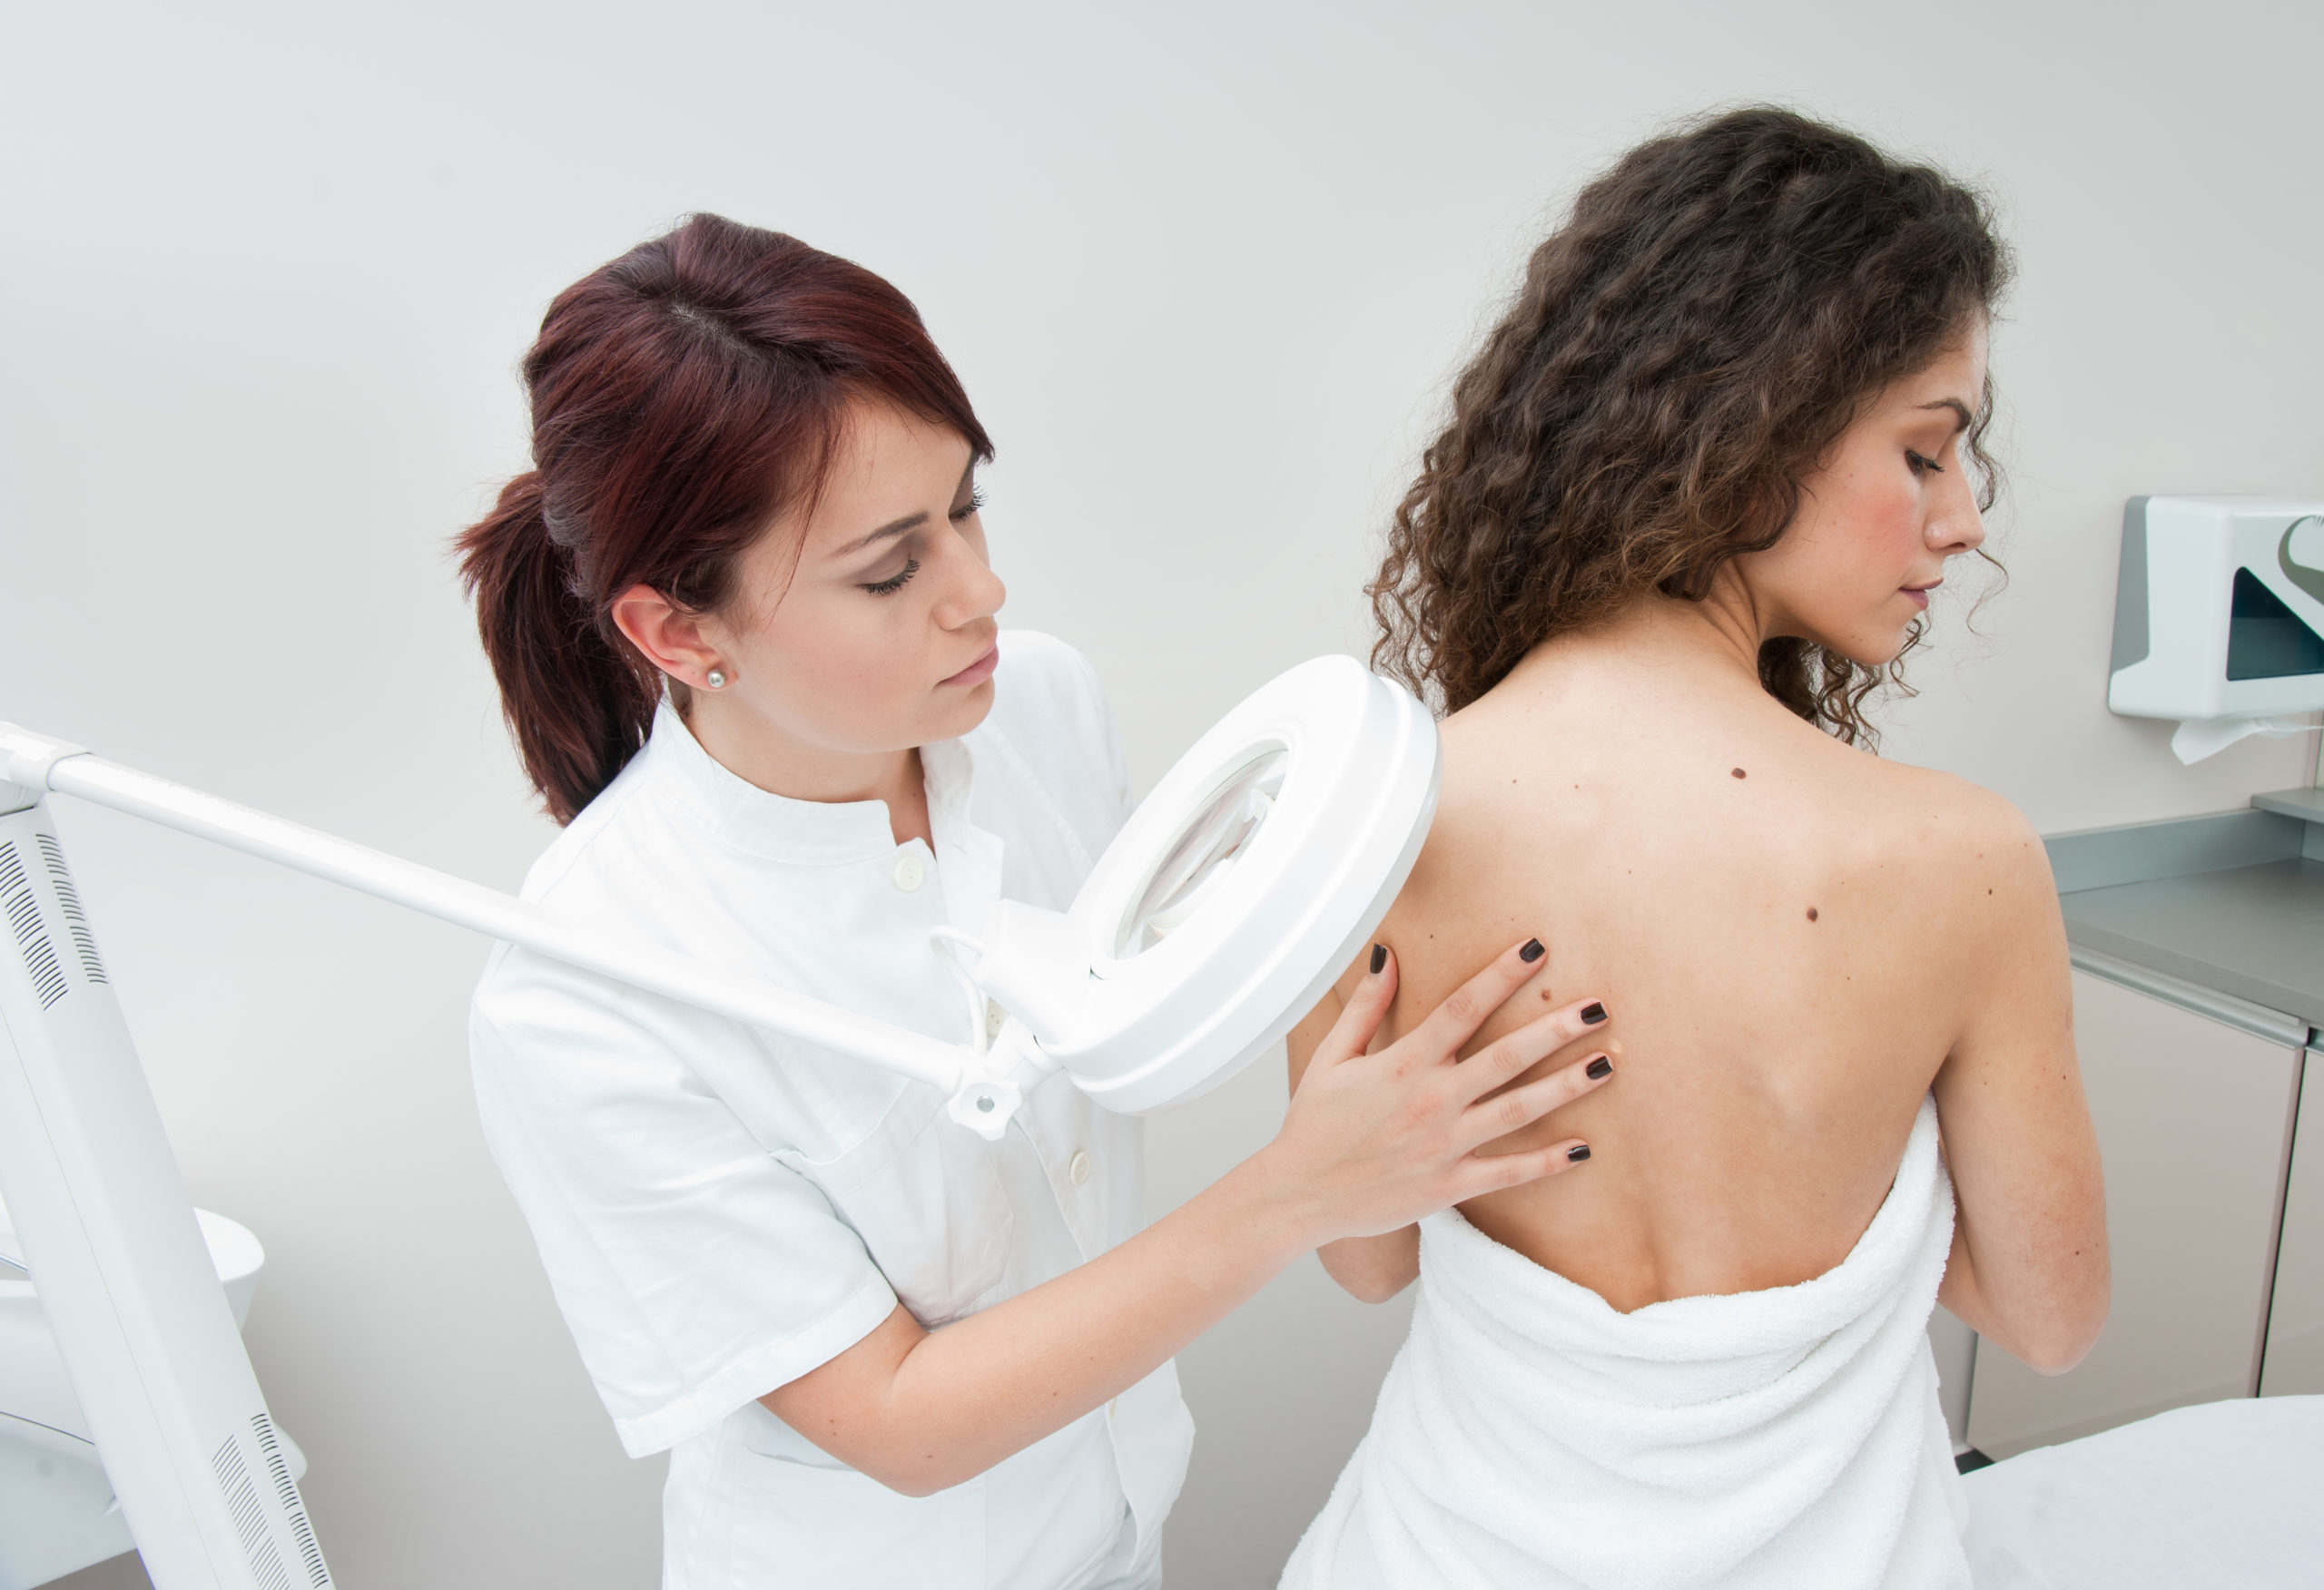 Доктор косметолог осматривает пациента